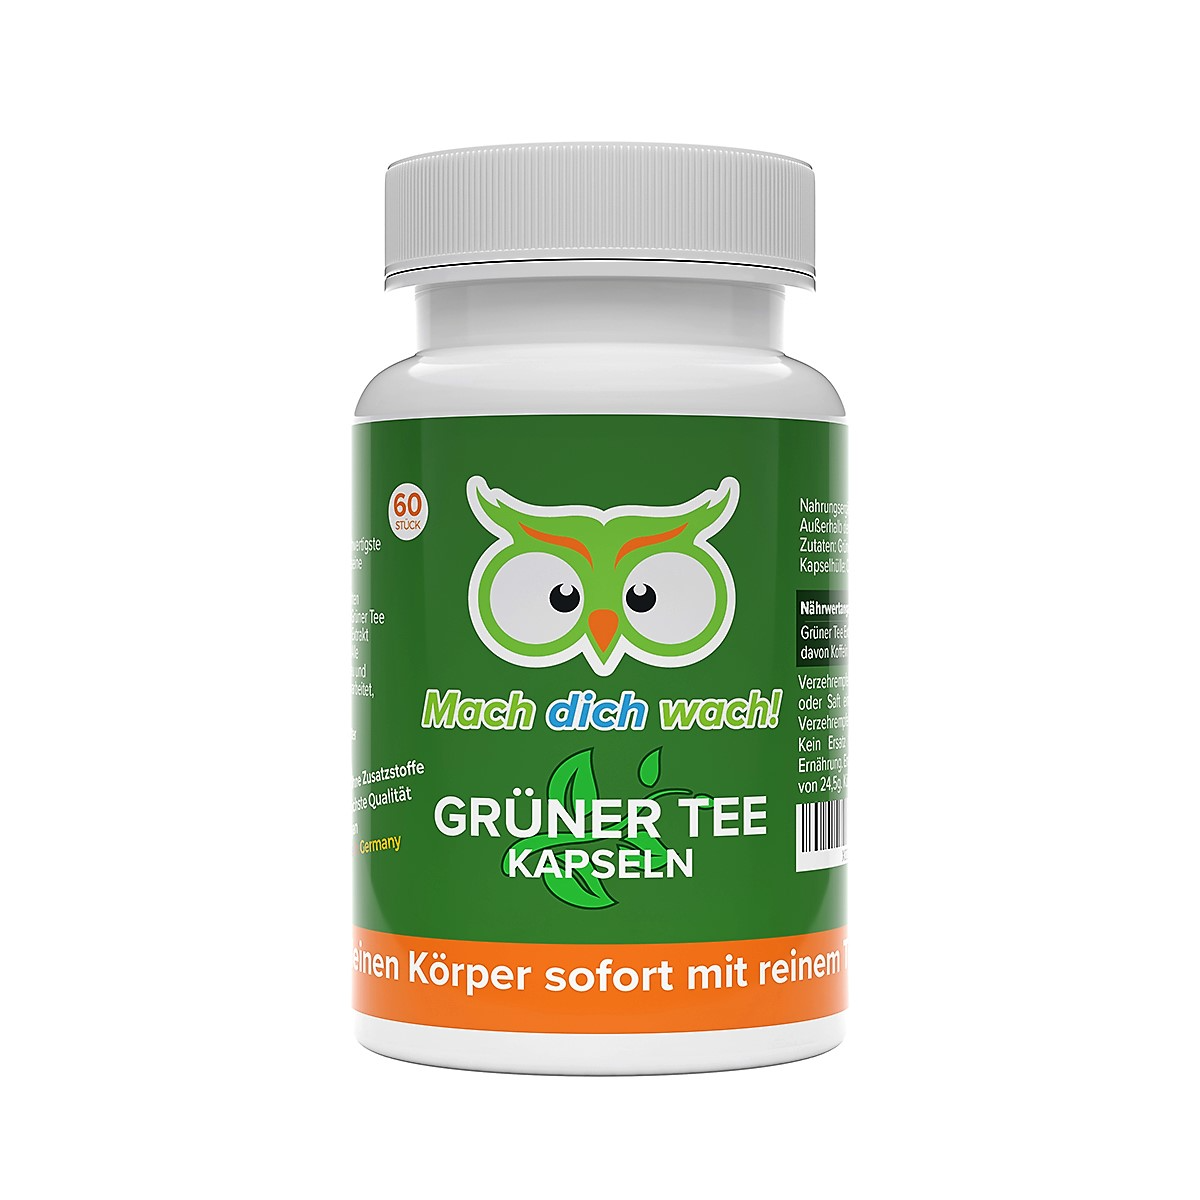 Grüne Tee Kapseln von Vitamineule